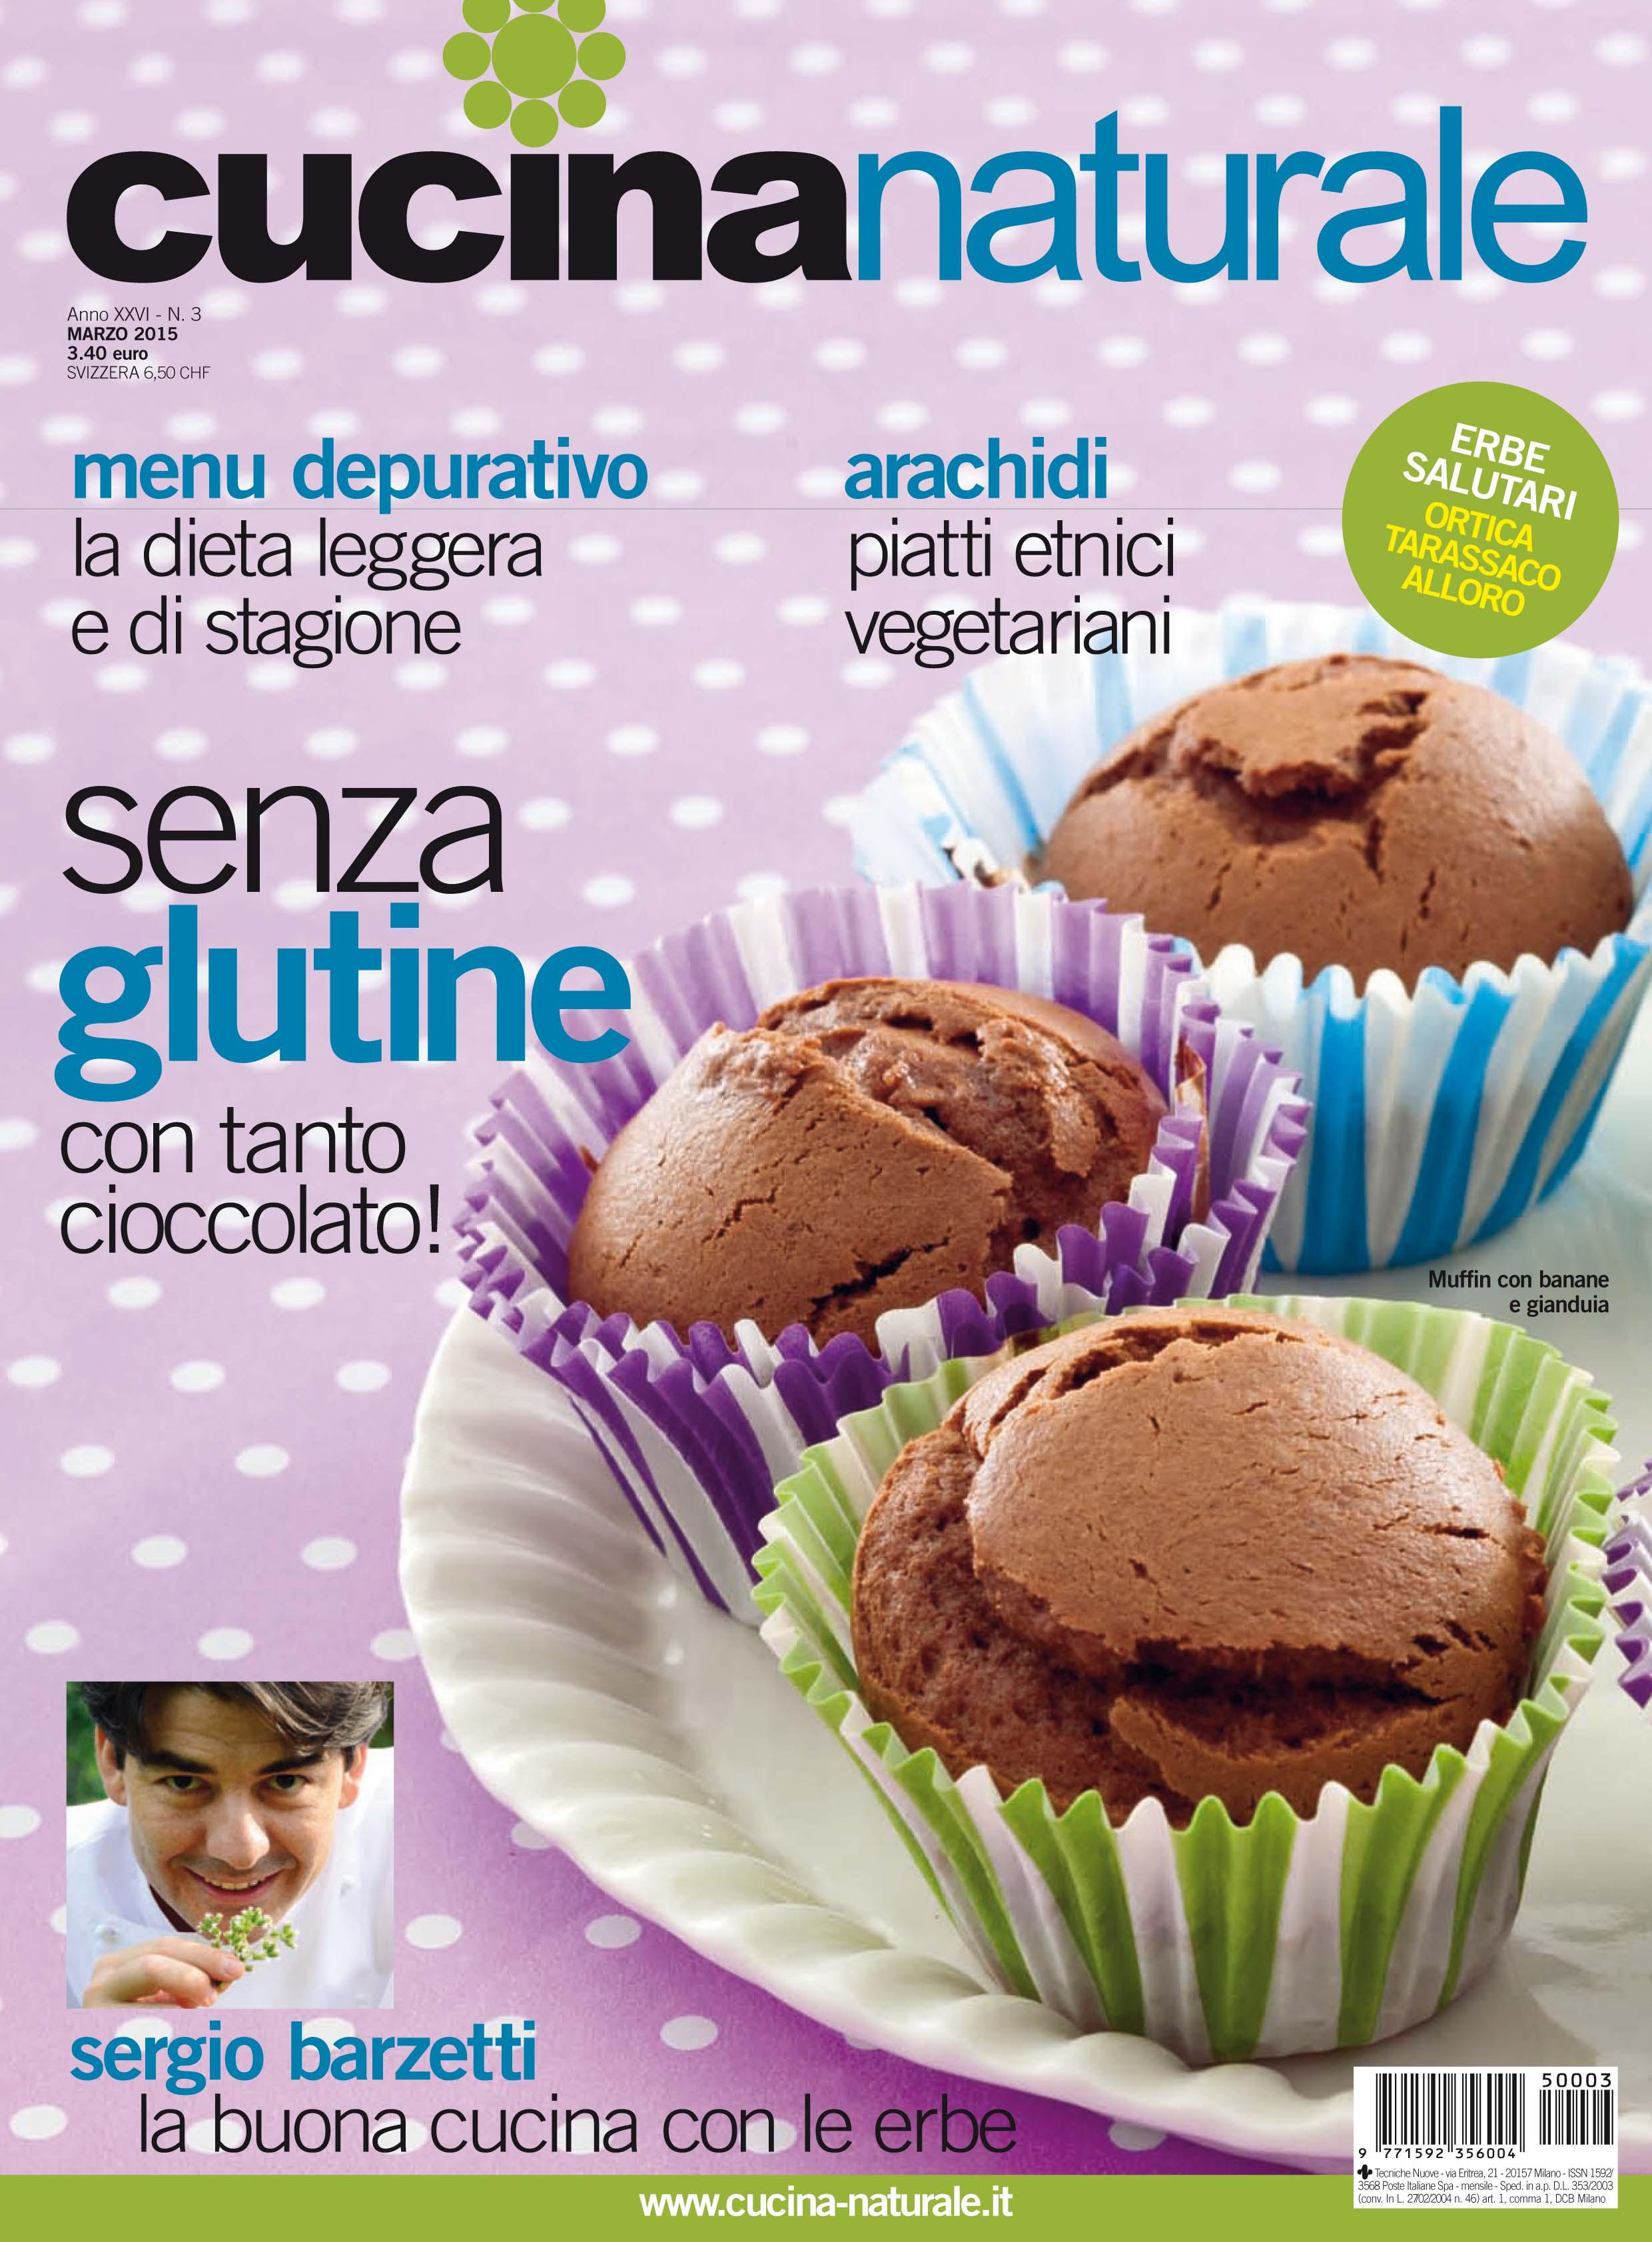 Cucina Naturale di marzo: erbe, dolcetti e...